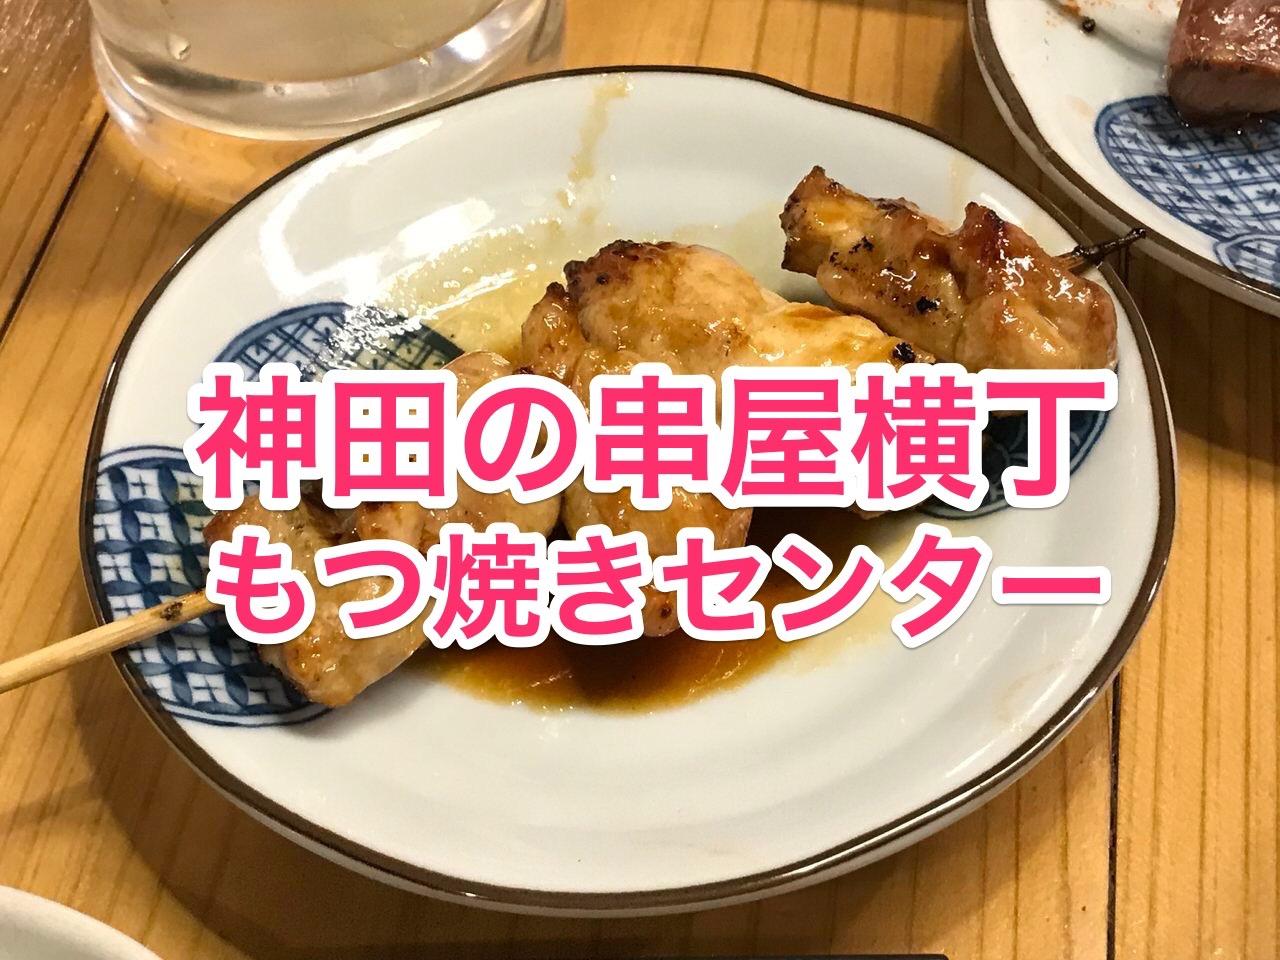 「串屋横丁 神田南口店」大きい・安い・美味い!縄文豚のもつ焼きセンター